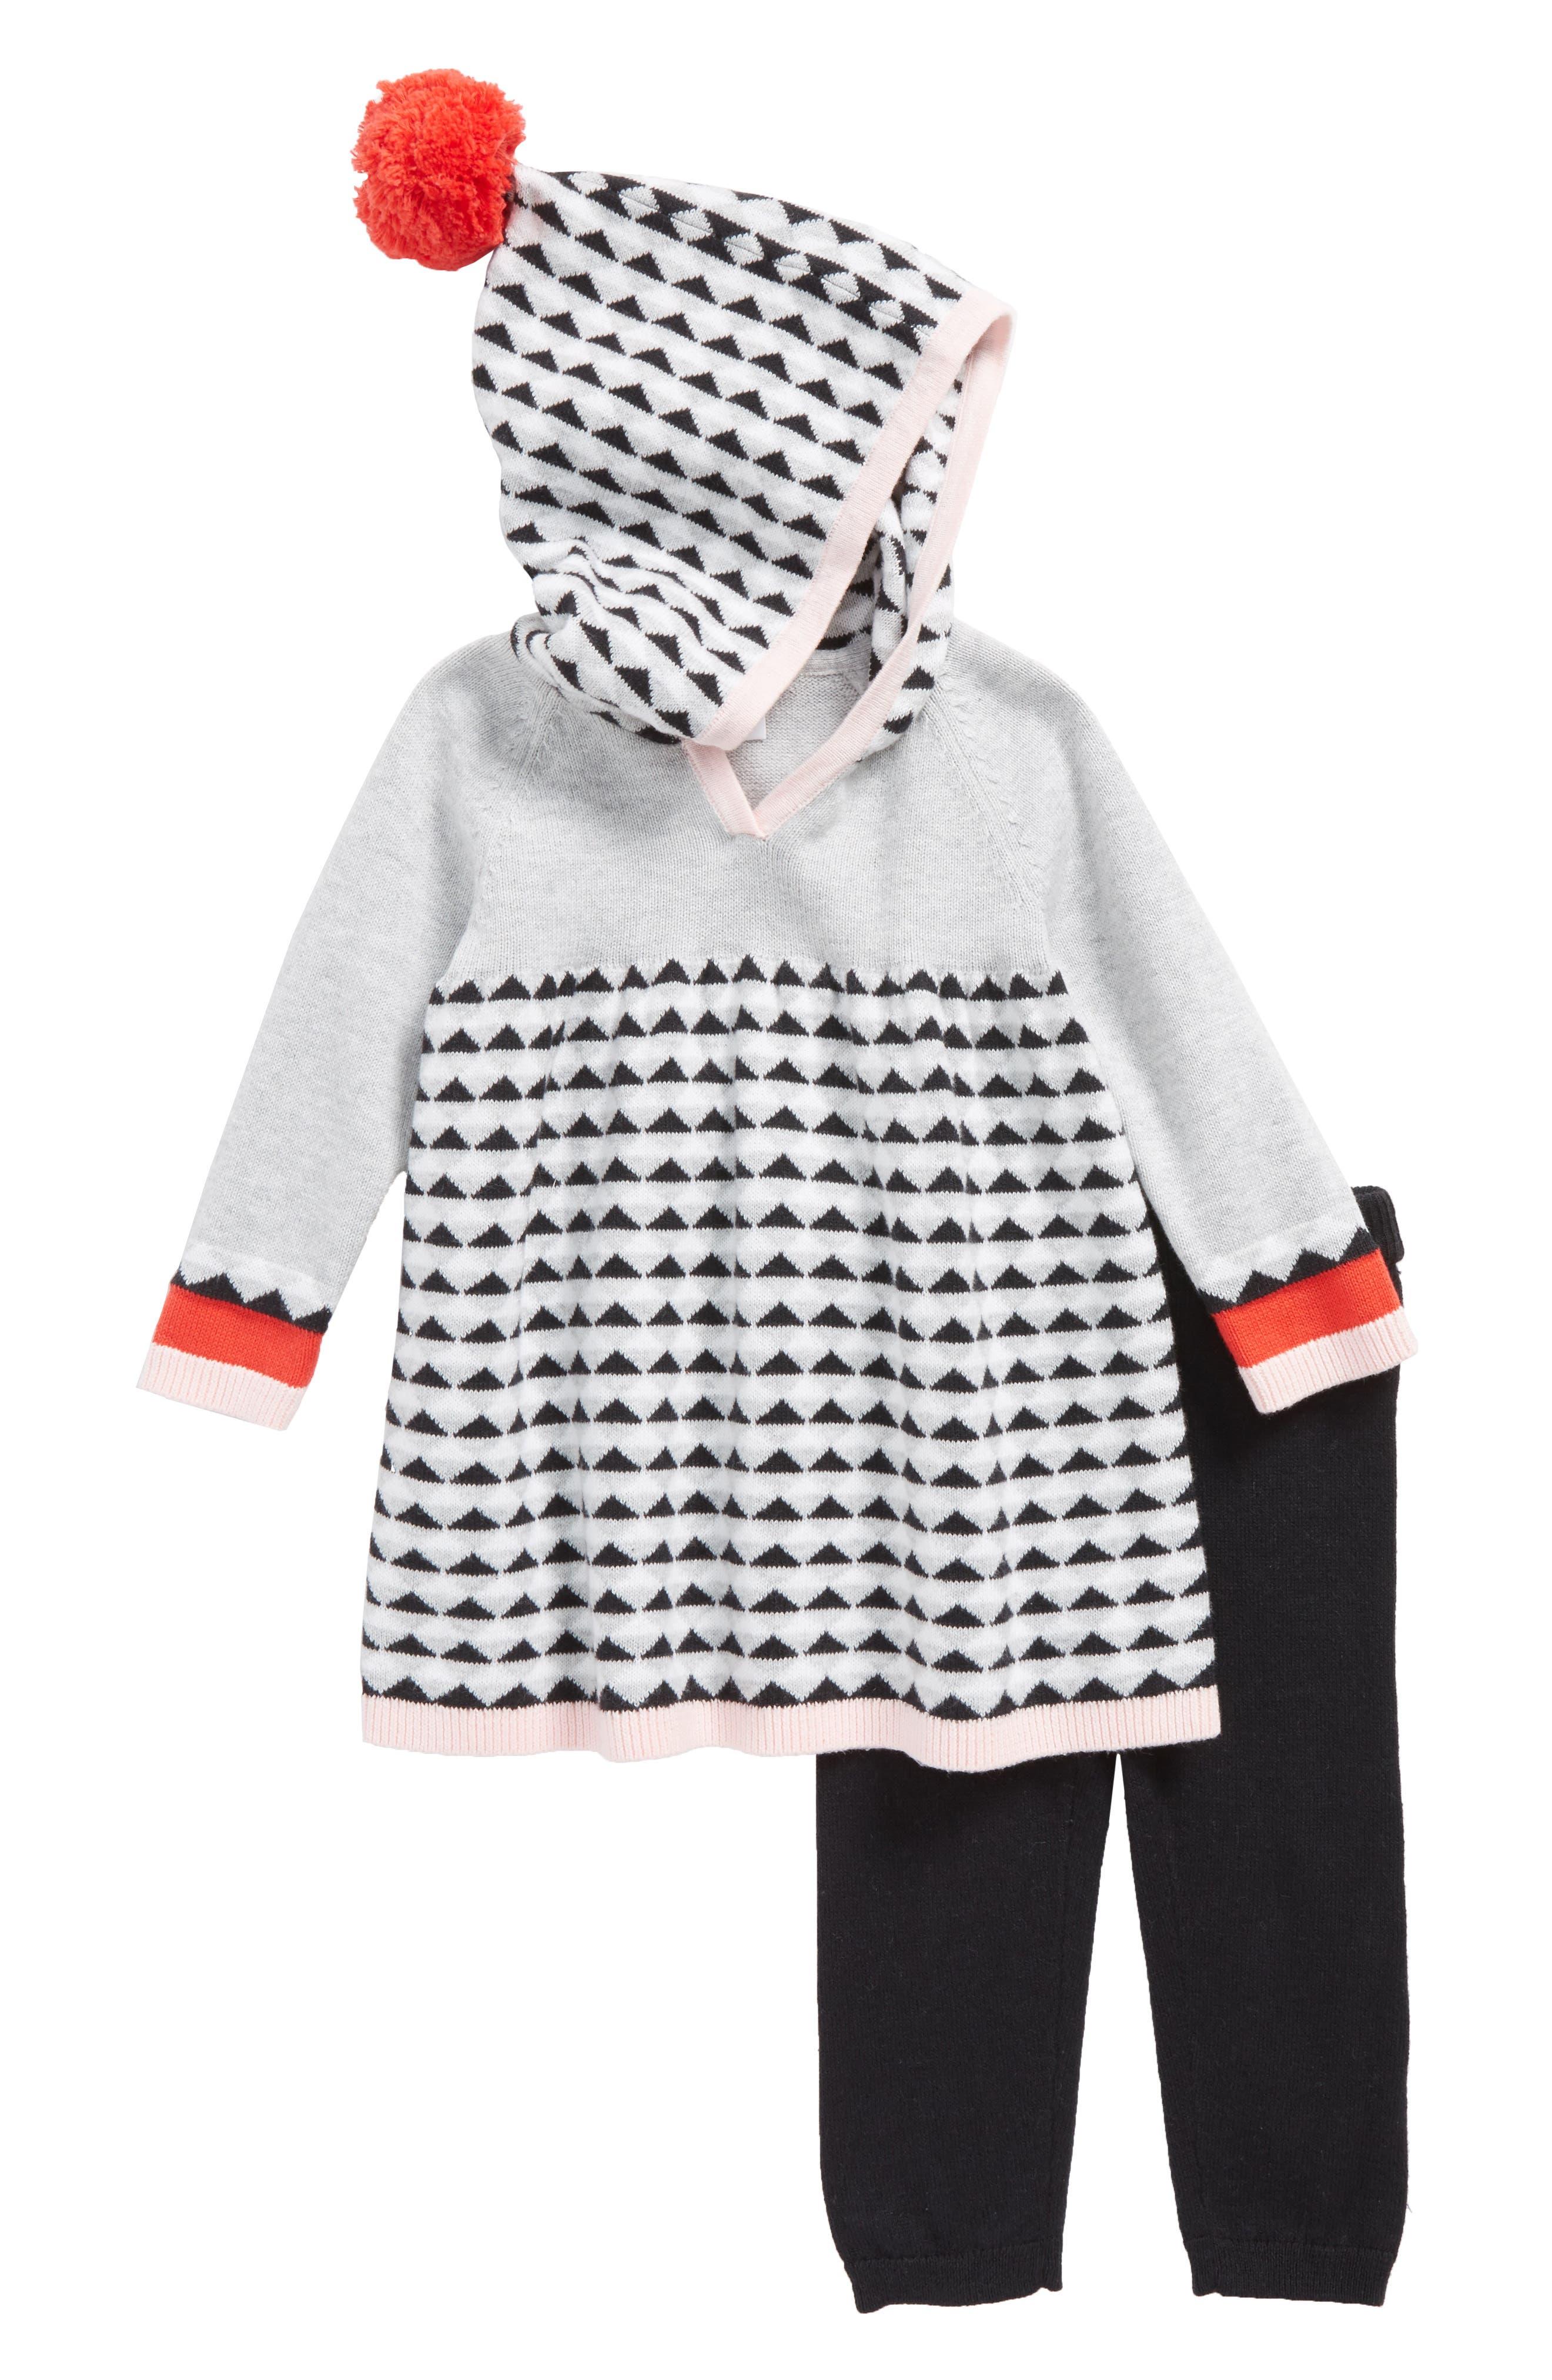 Alternate Image 1 Selected - Nordstrom Baby Hooded Sweater Dress & Leggings Set (Baby Girls)